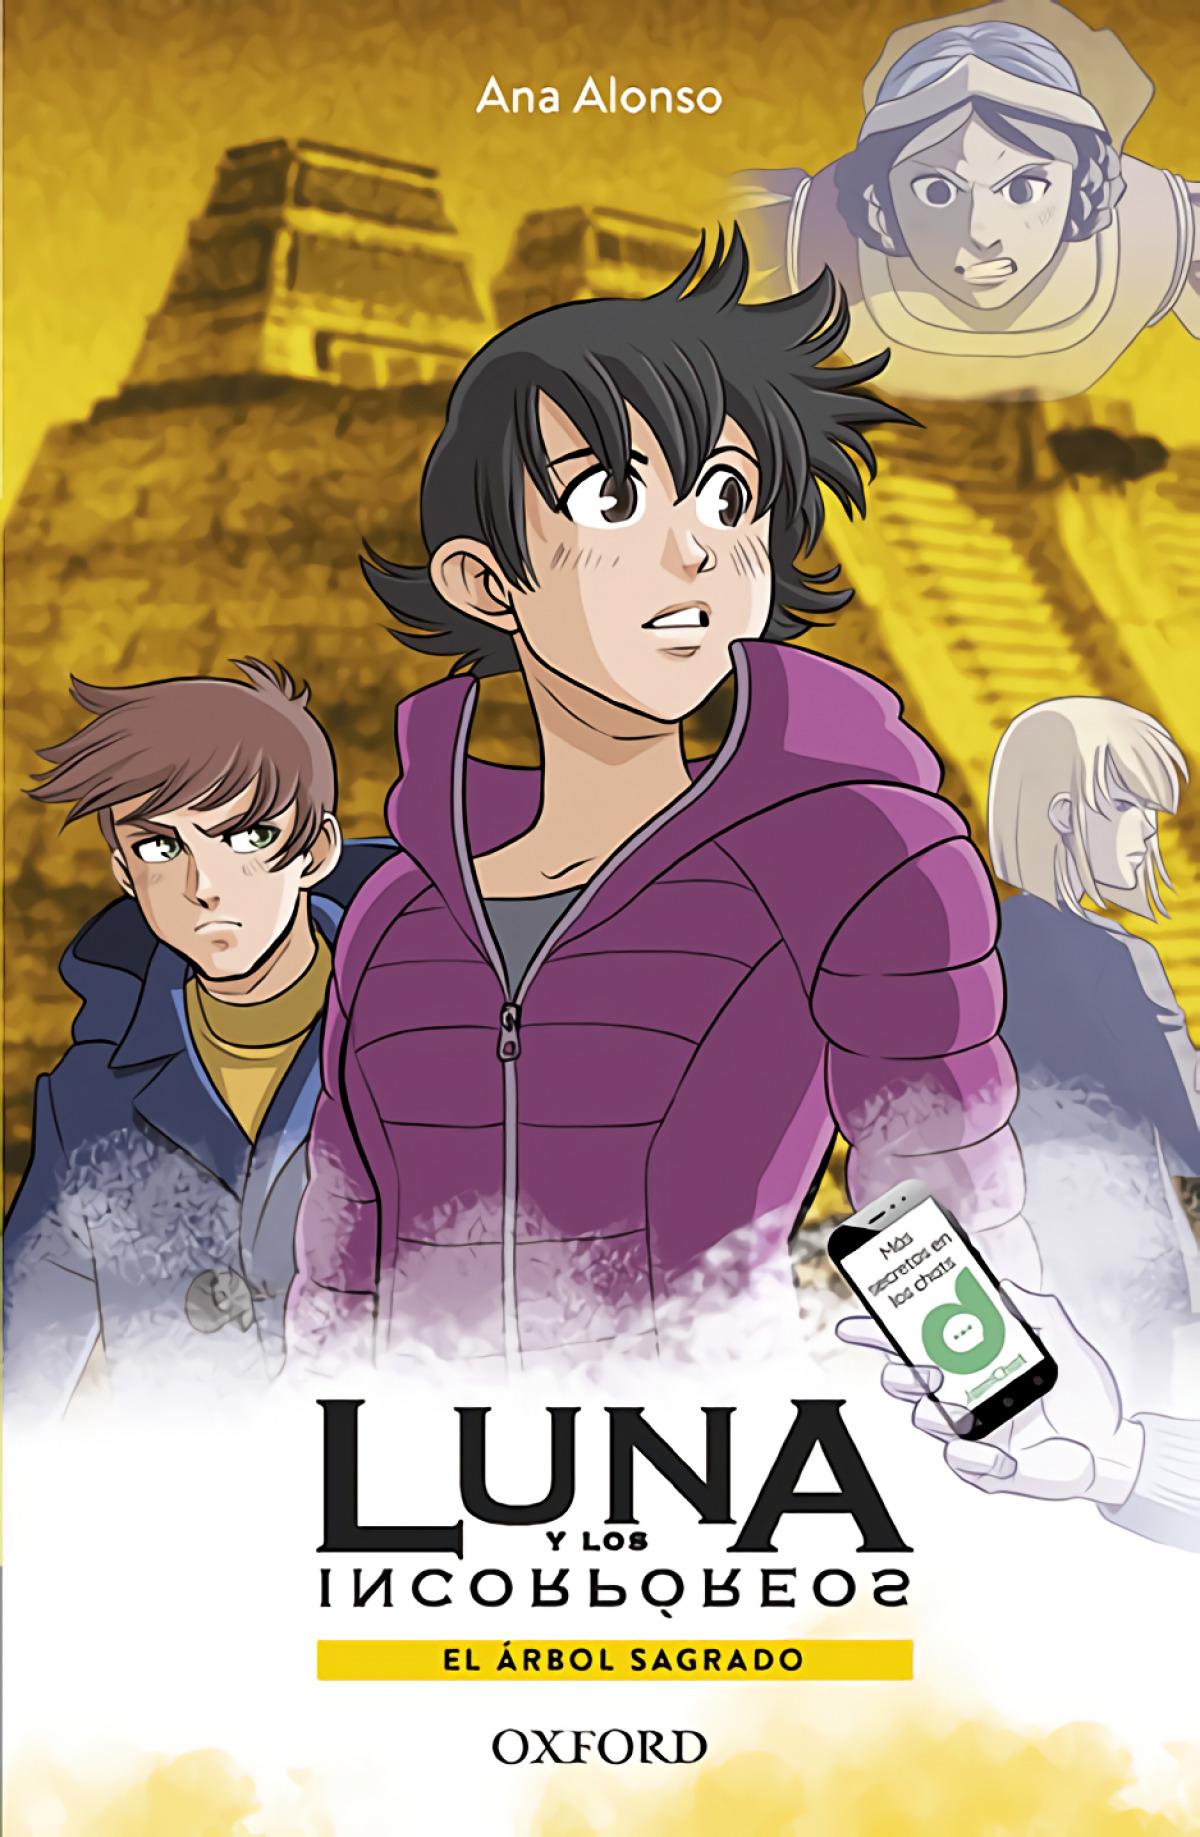 LUNA Y EL ÁRBOL SAGRADO 9780190521578